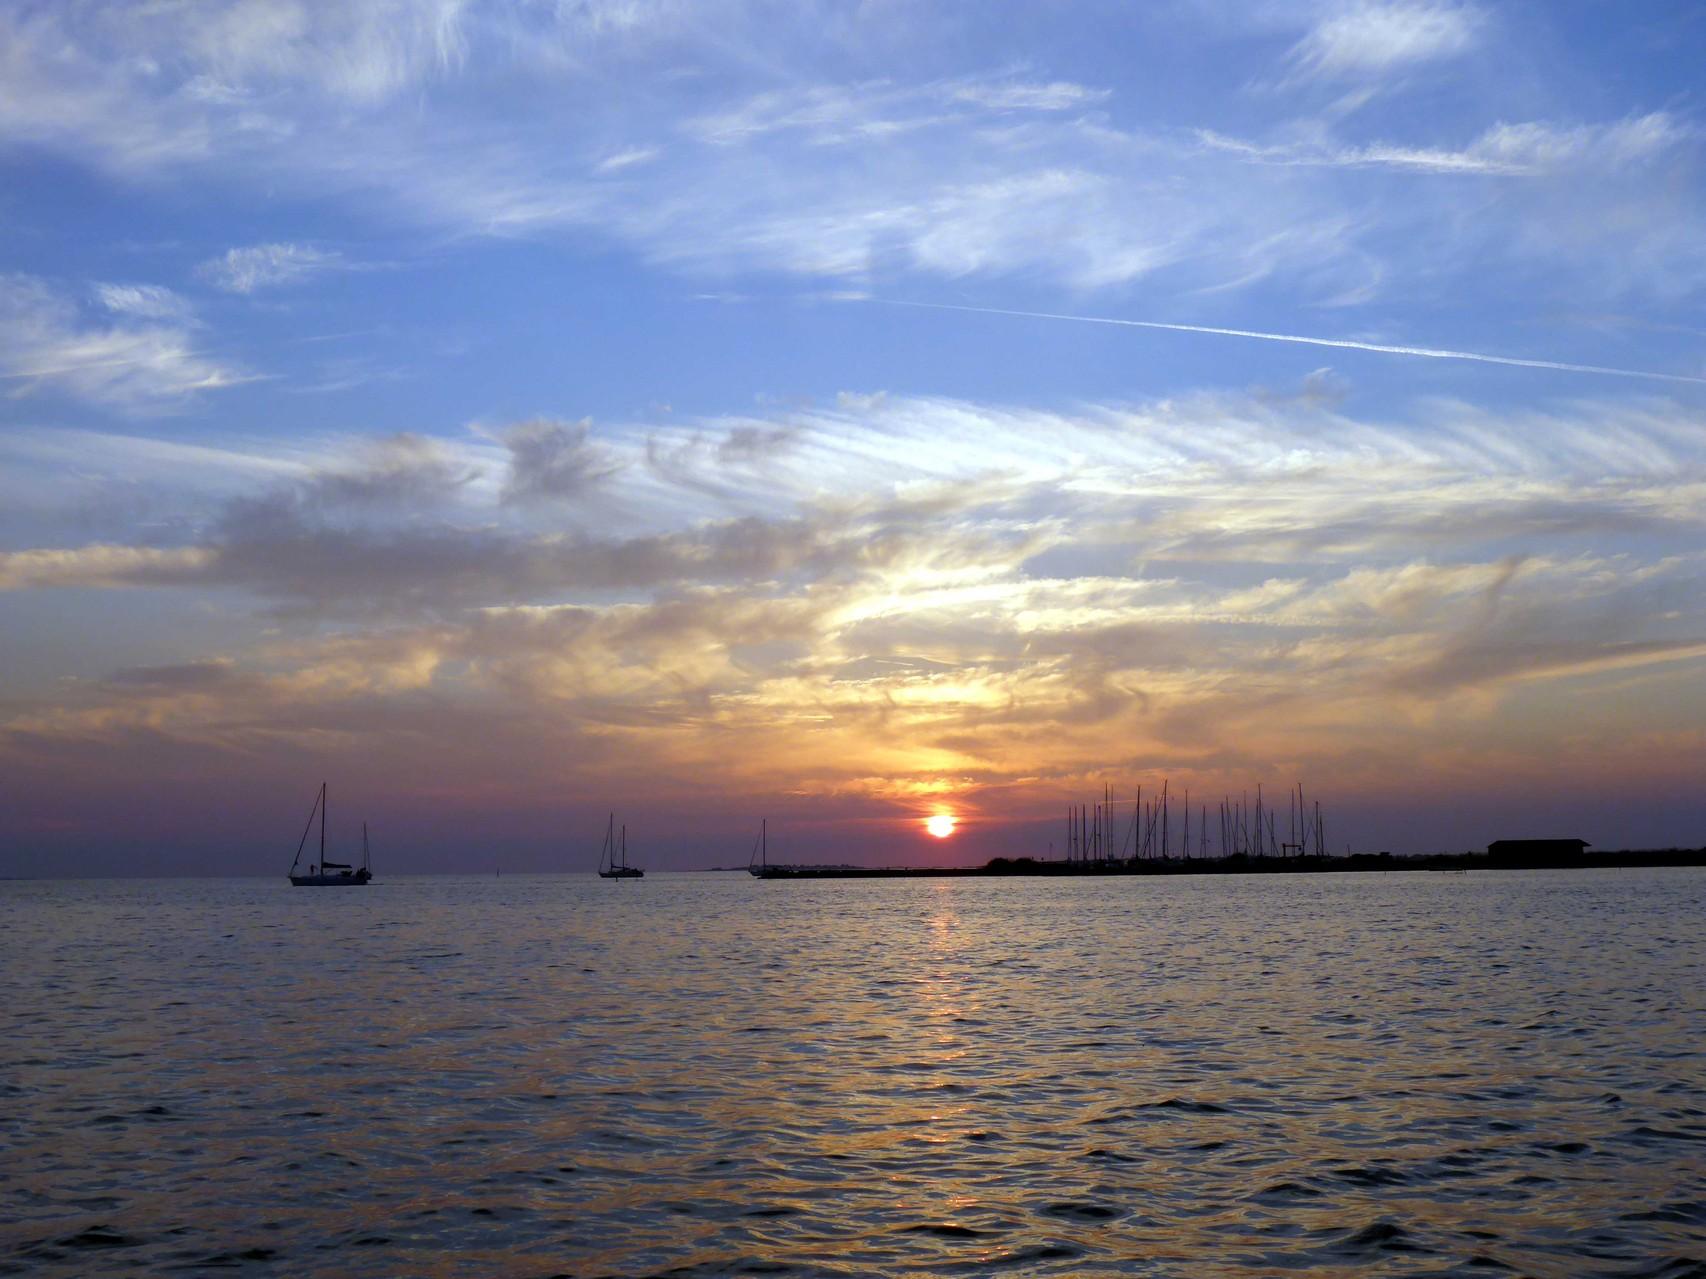 Sonnenuntergang Hafen Birkholm